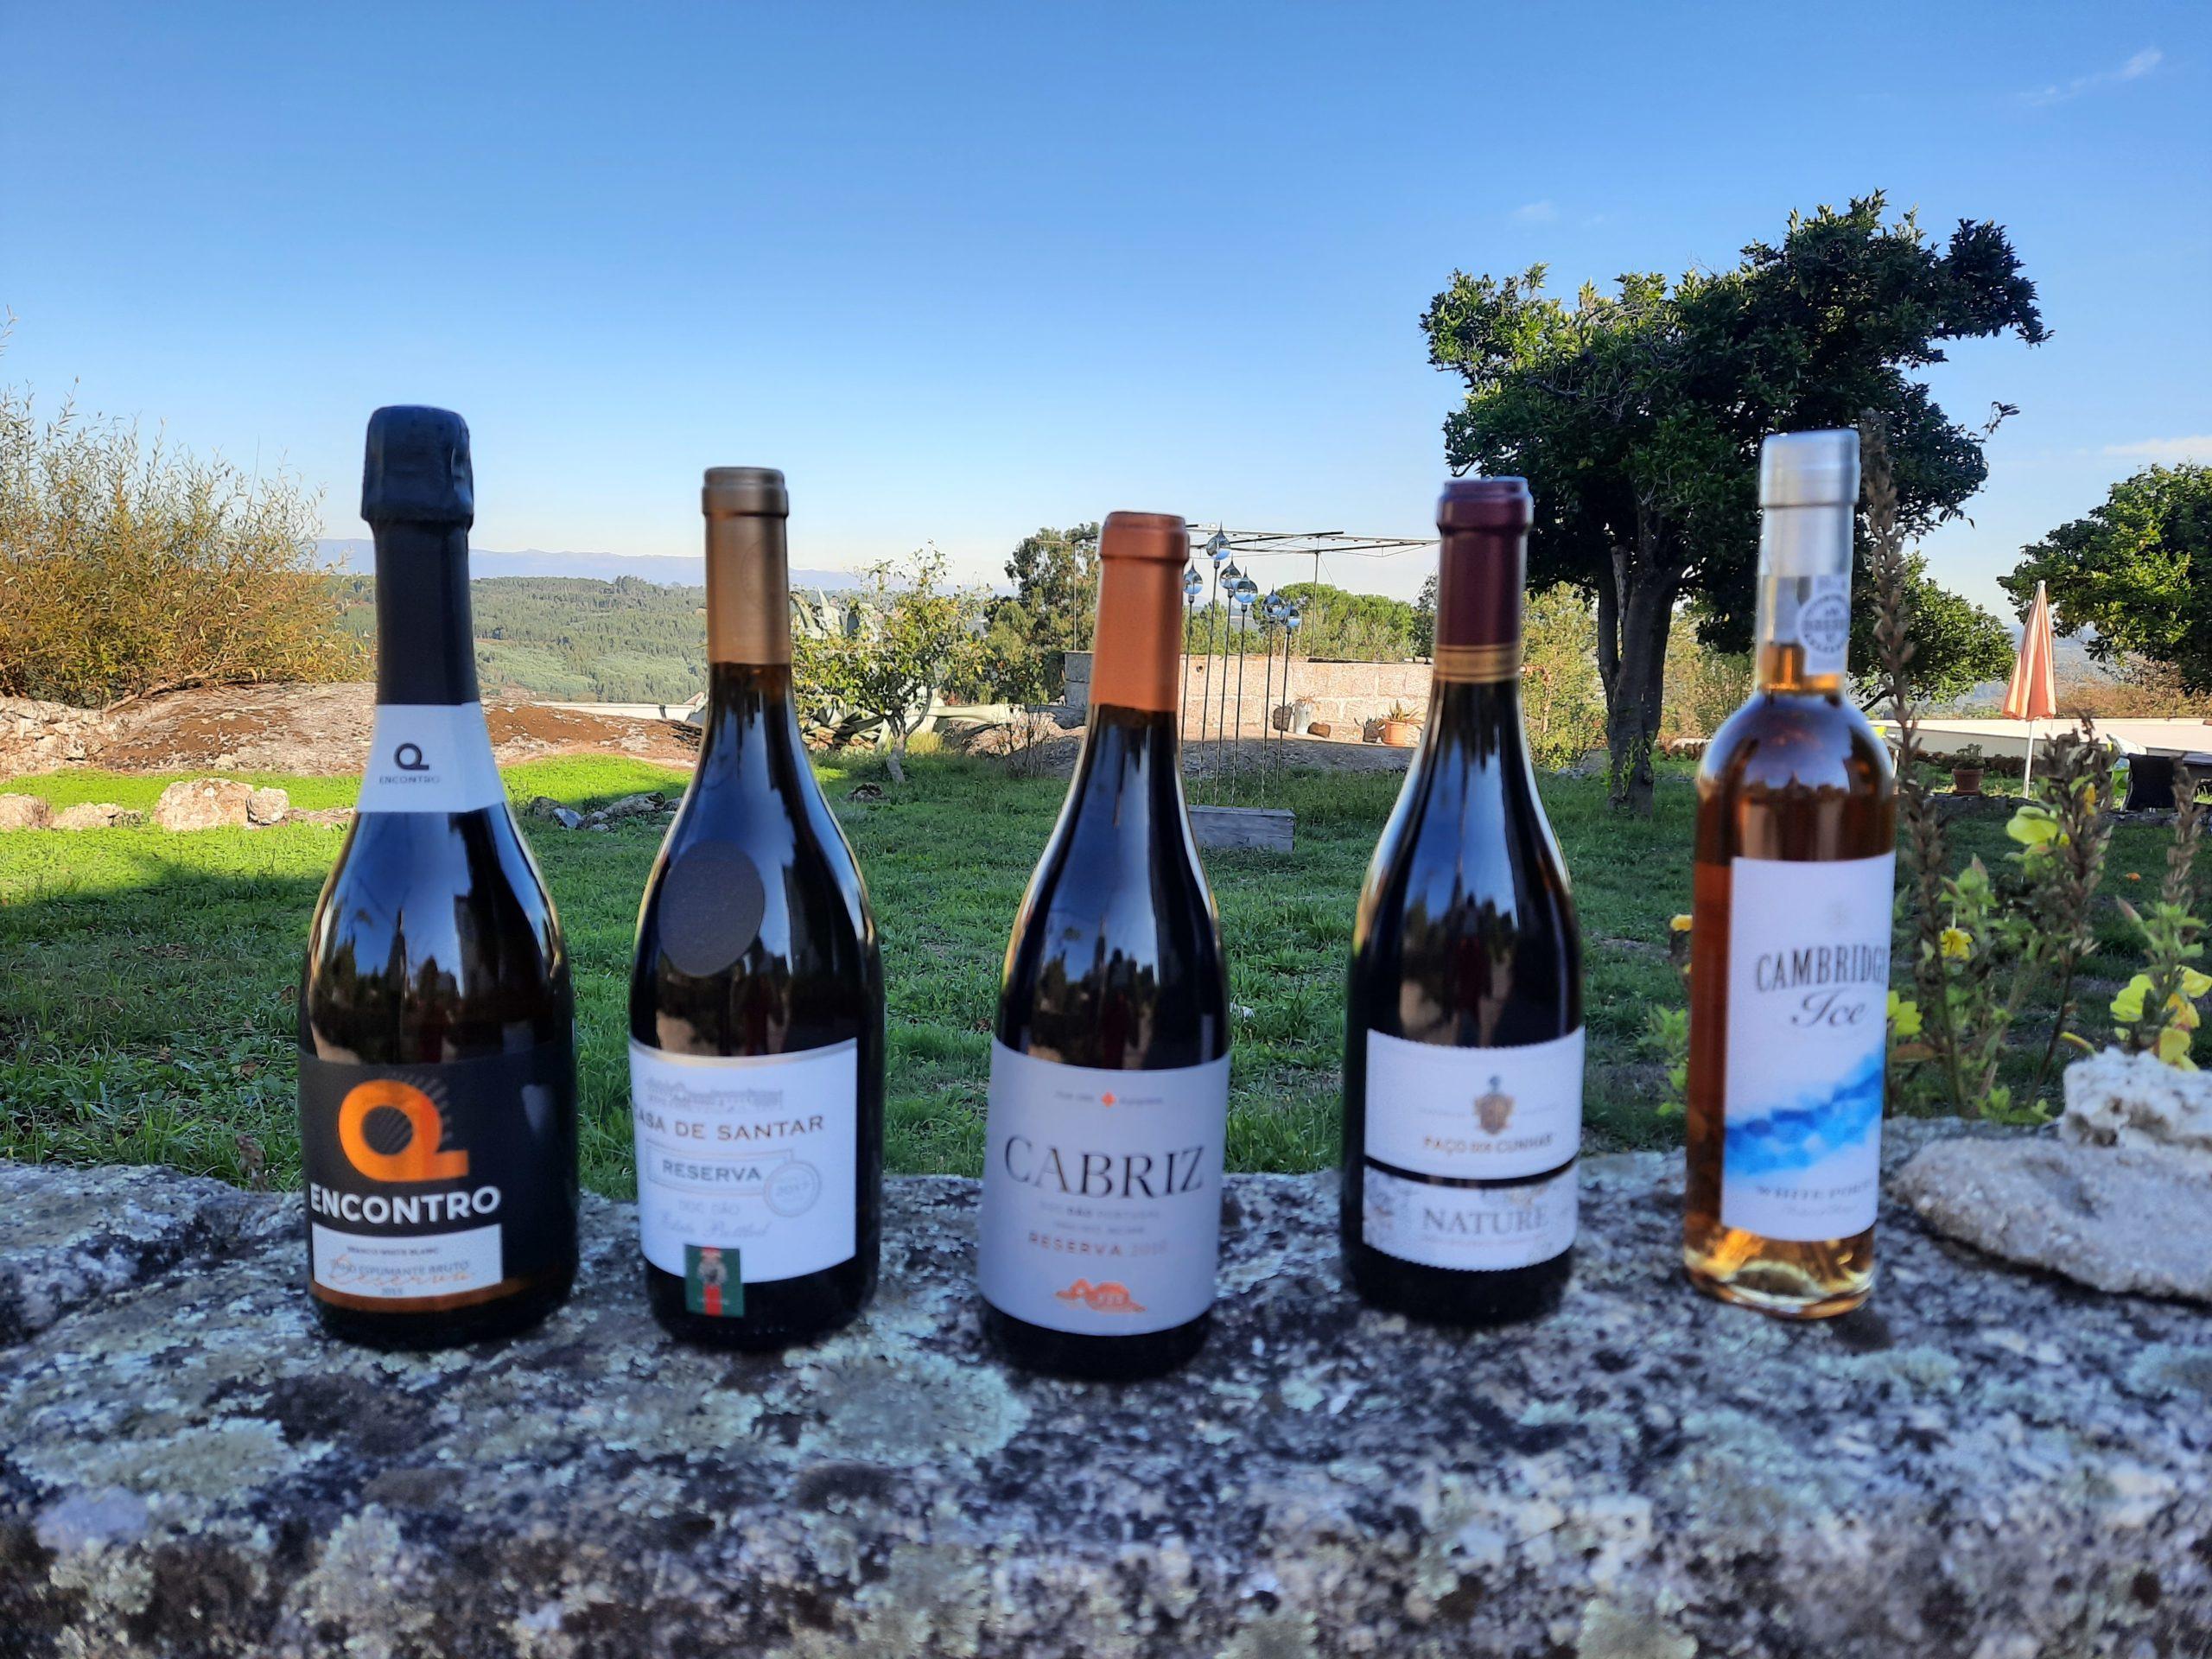 5 garrafas de vinho local